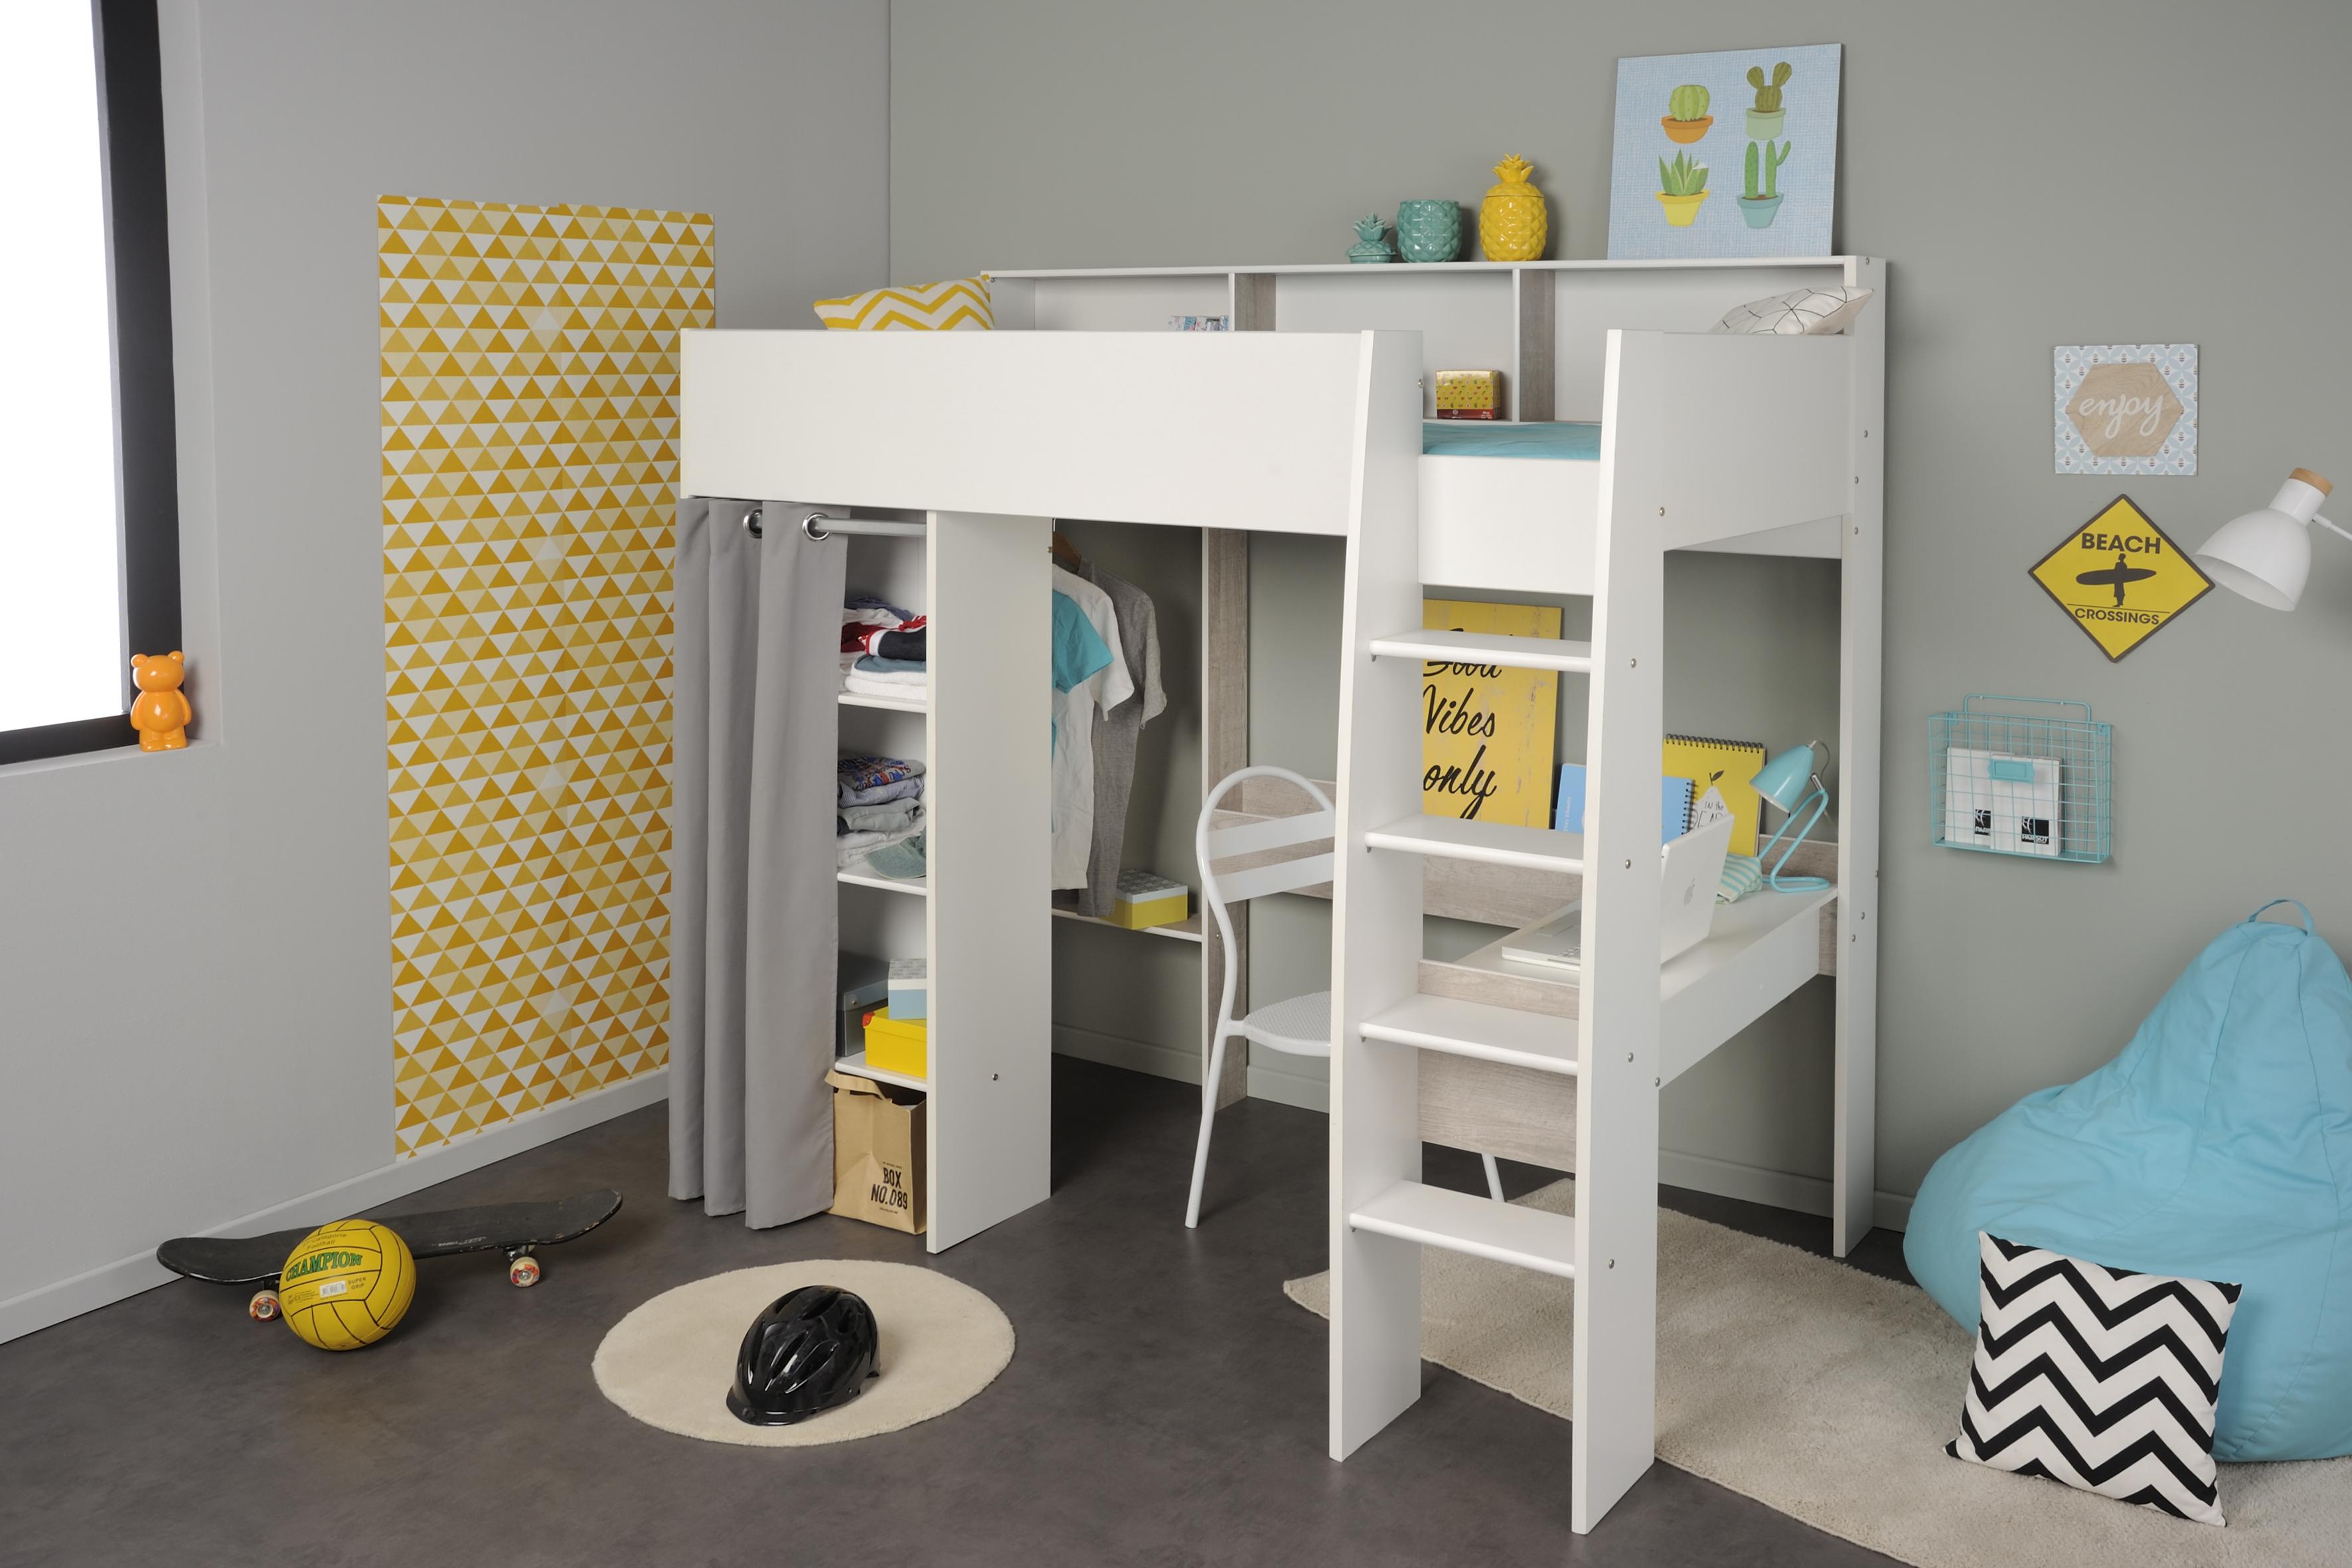 90x200 hochbett inkl kleiderstange u schreibtisch taylor 11 von parisot weiss grey loft. Black Bedroom Furniture Sets. Home Design Ideas